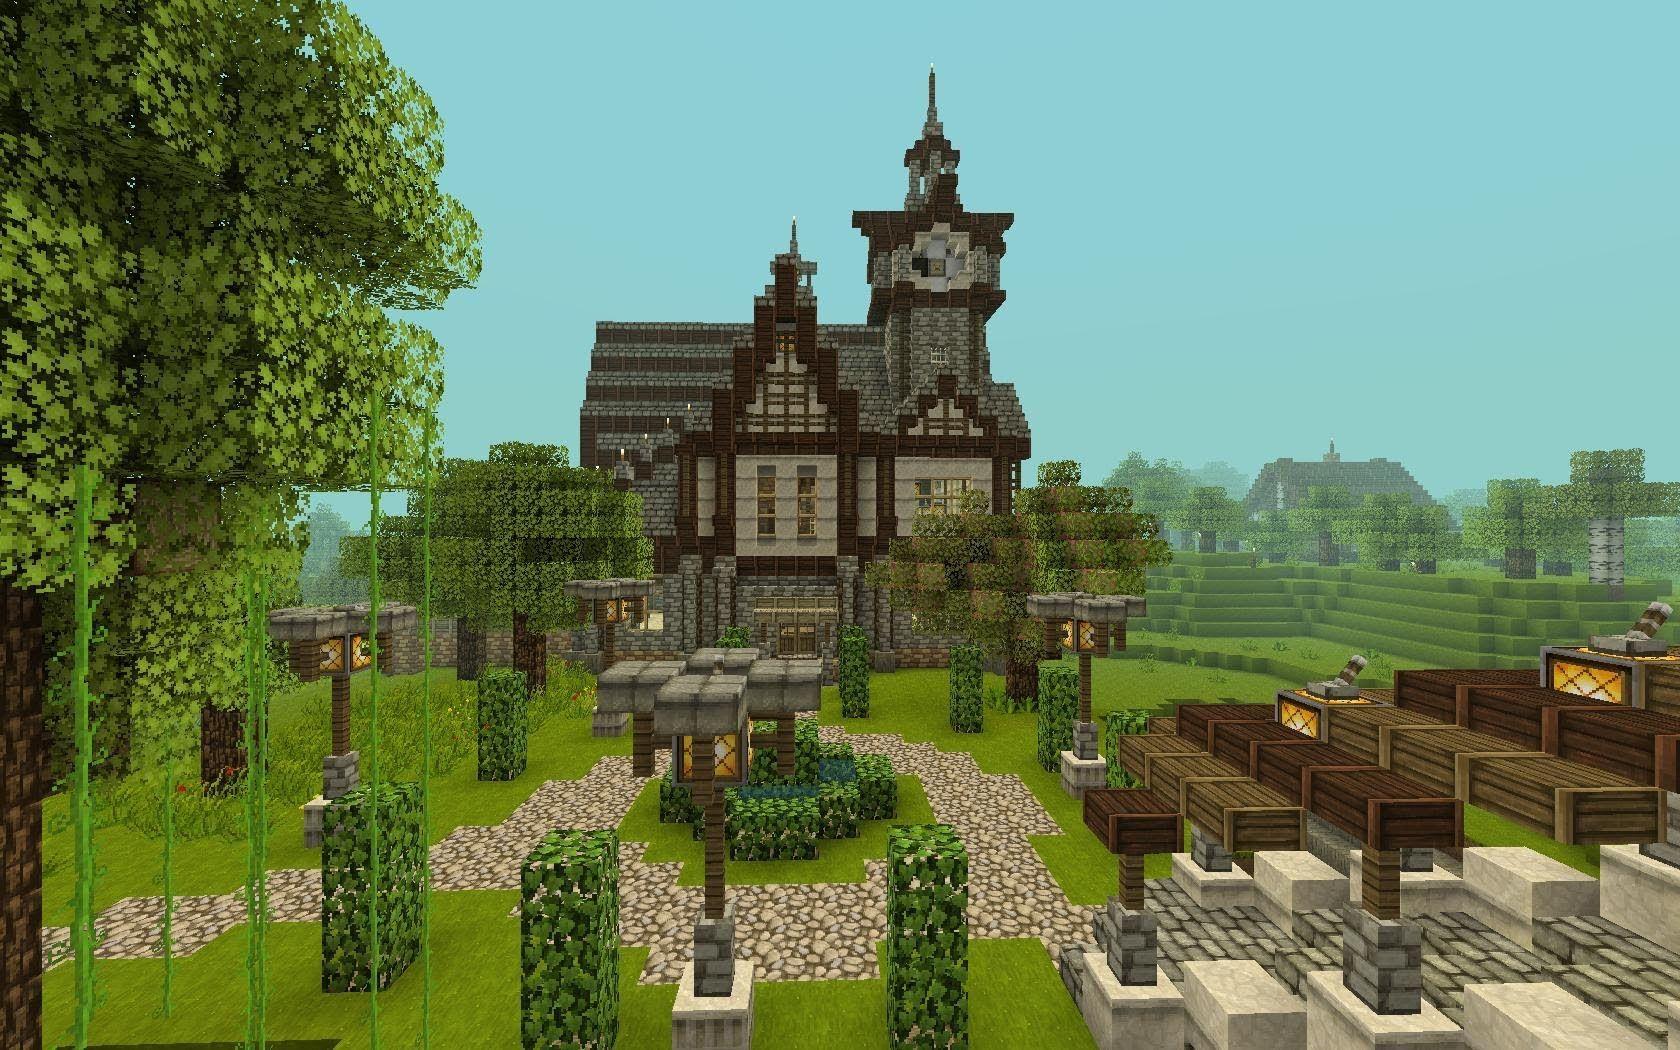 Minecraft Haus Ideen Mittelalter Excellent Gallery Of Tutorial - Minecraft haus ideen deutsch